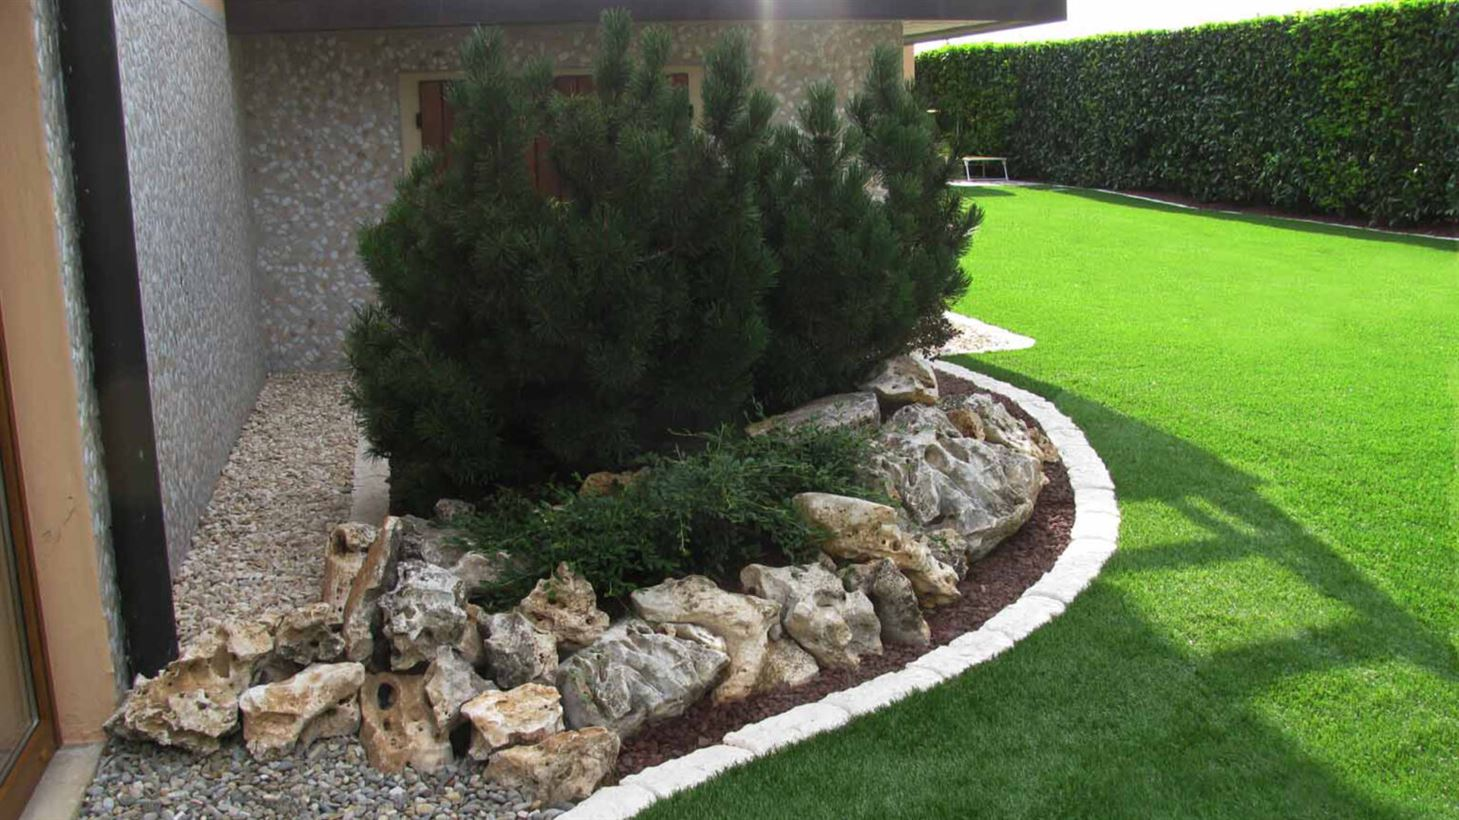 bordure-aiuole-giardino